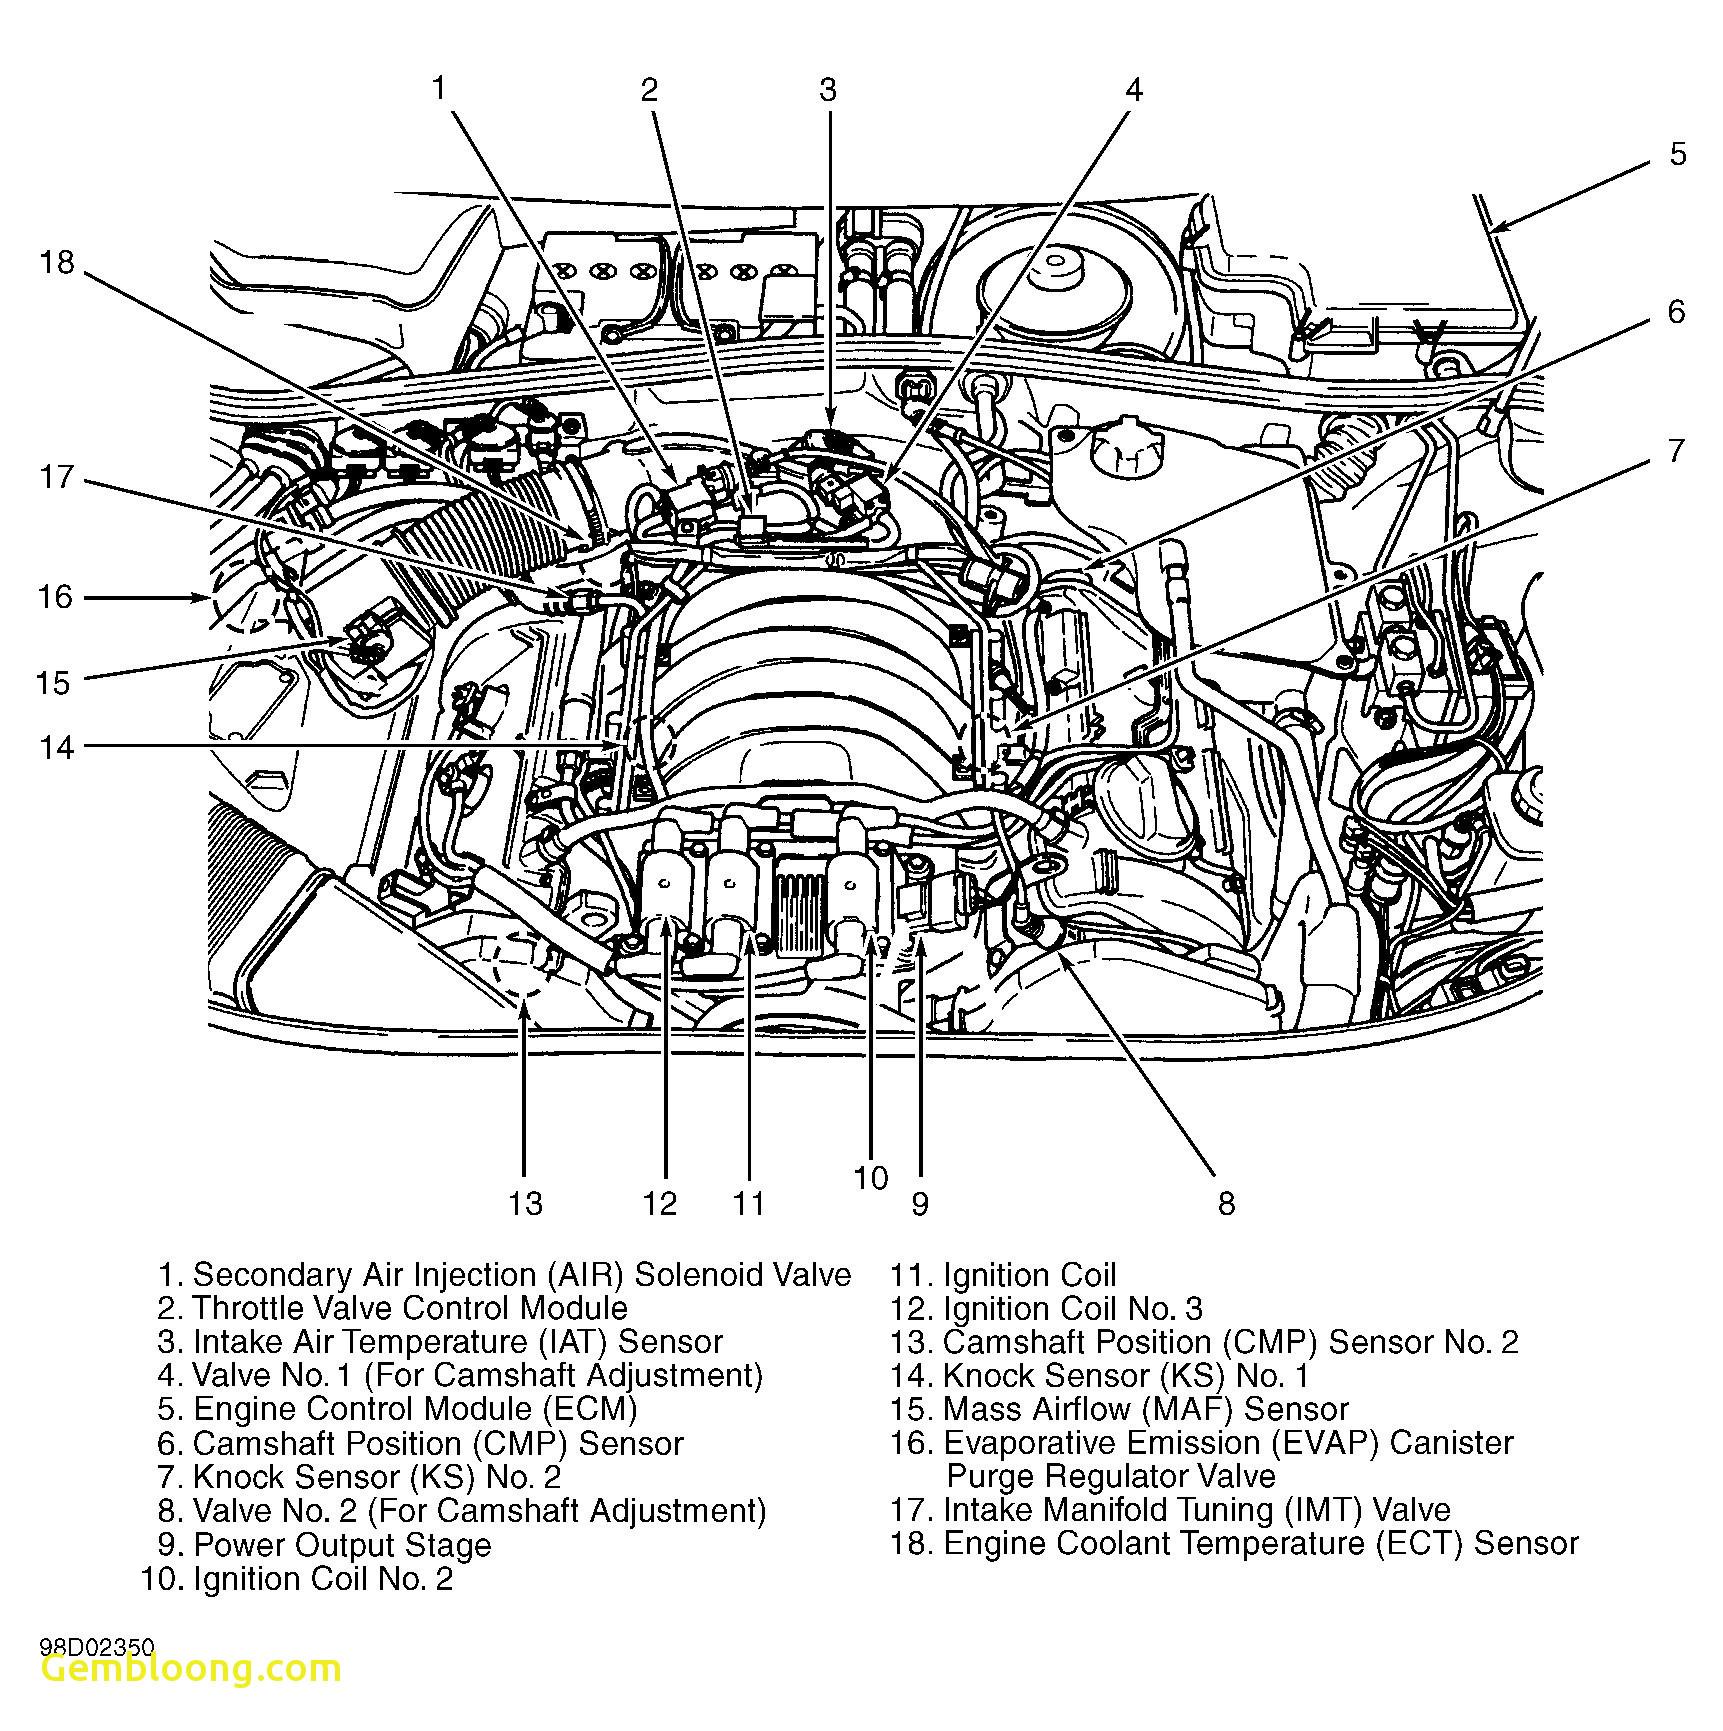 Mass Air Flow Sensor Wiring Diagram Pontiac M Air Flow Sensor Wiring Diagram Wiring Diagram All